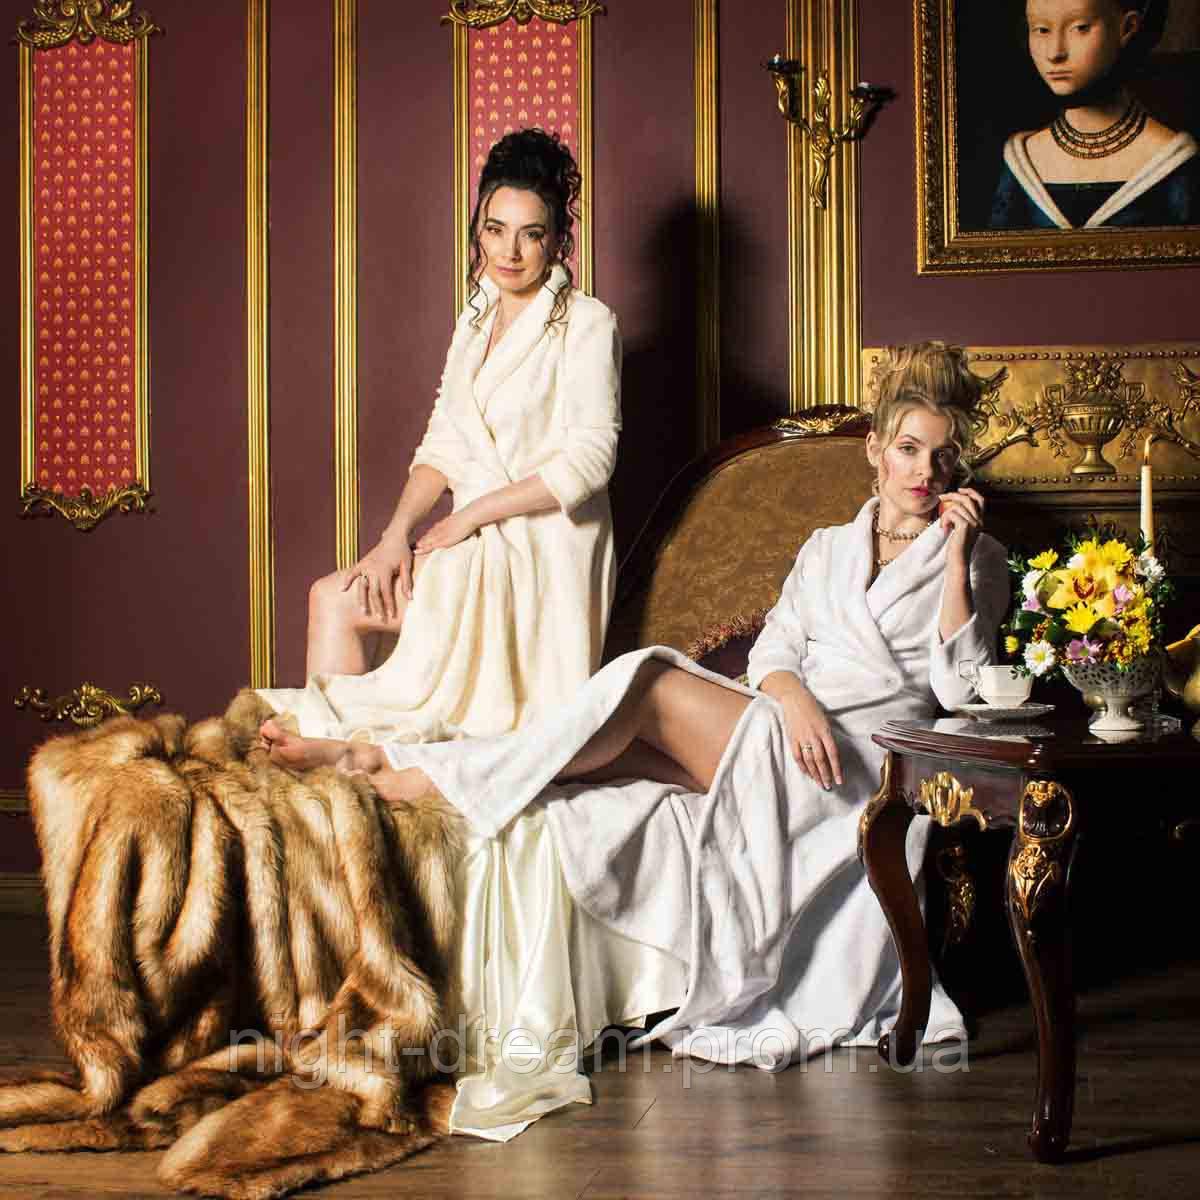 33ea4058fb64 Длинный махровый халат MADONNA от Guddini XL(54-56) белый - купить ...